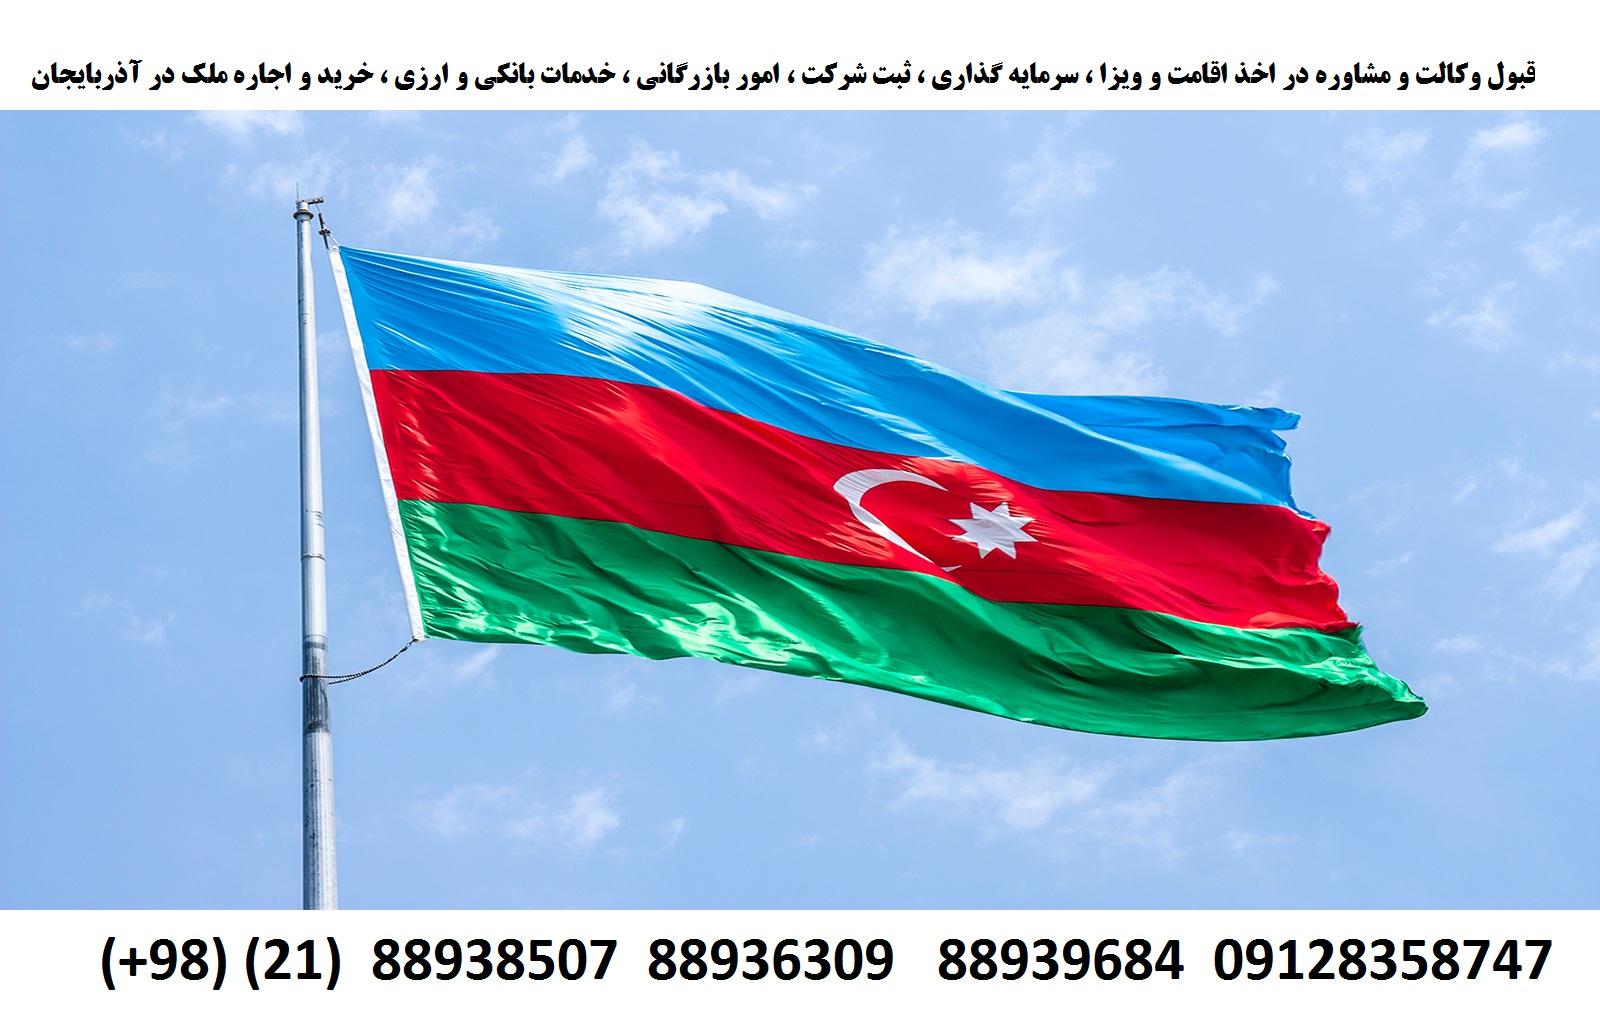 اقامت ، ویزا ، ثبت شرکت ، سرمایه گذاری در آذربایجان (1)